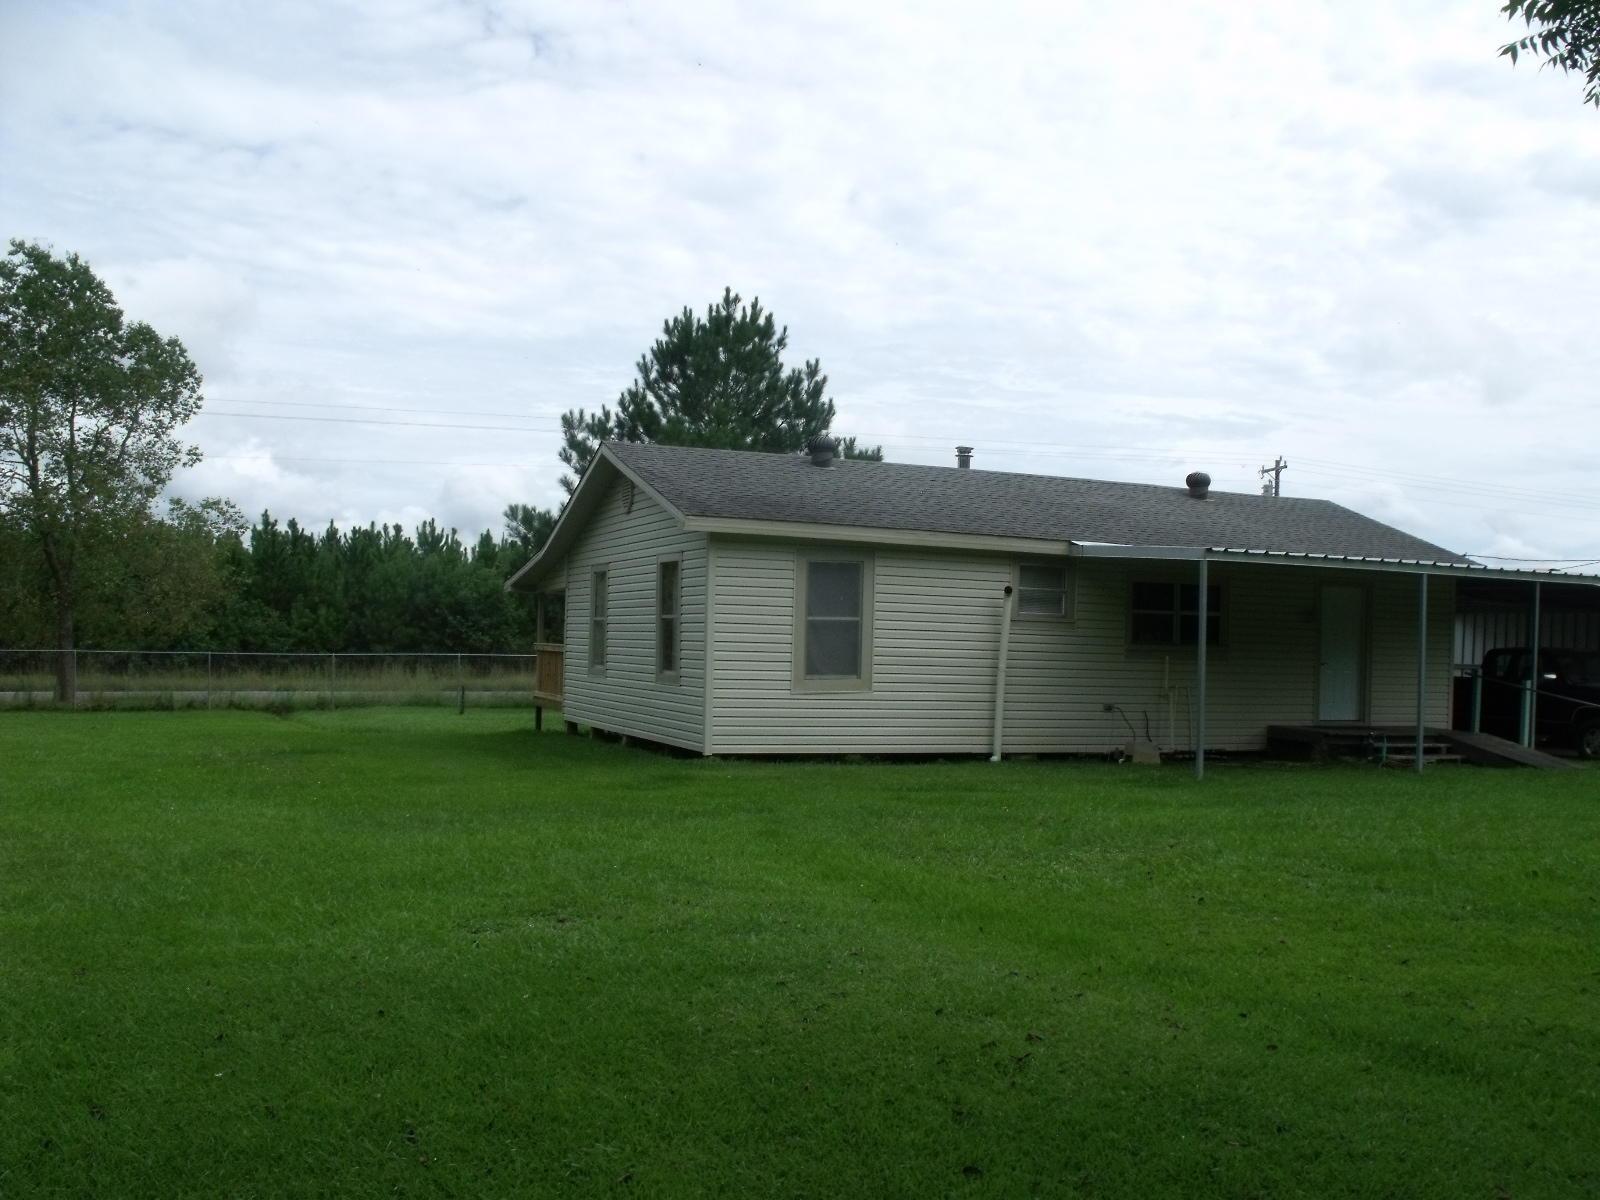 DeRidder home for sale, 4436 LA-113, DeRidder LA - $90,000